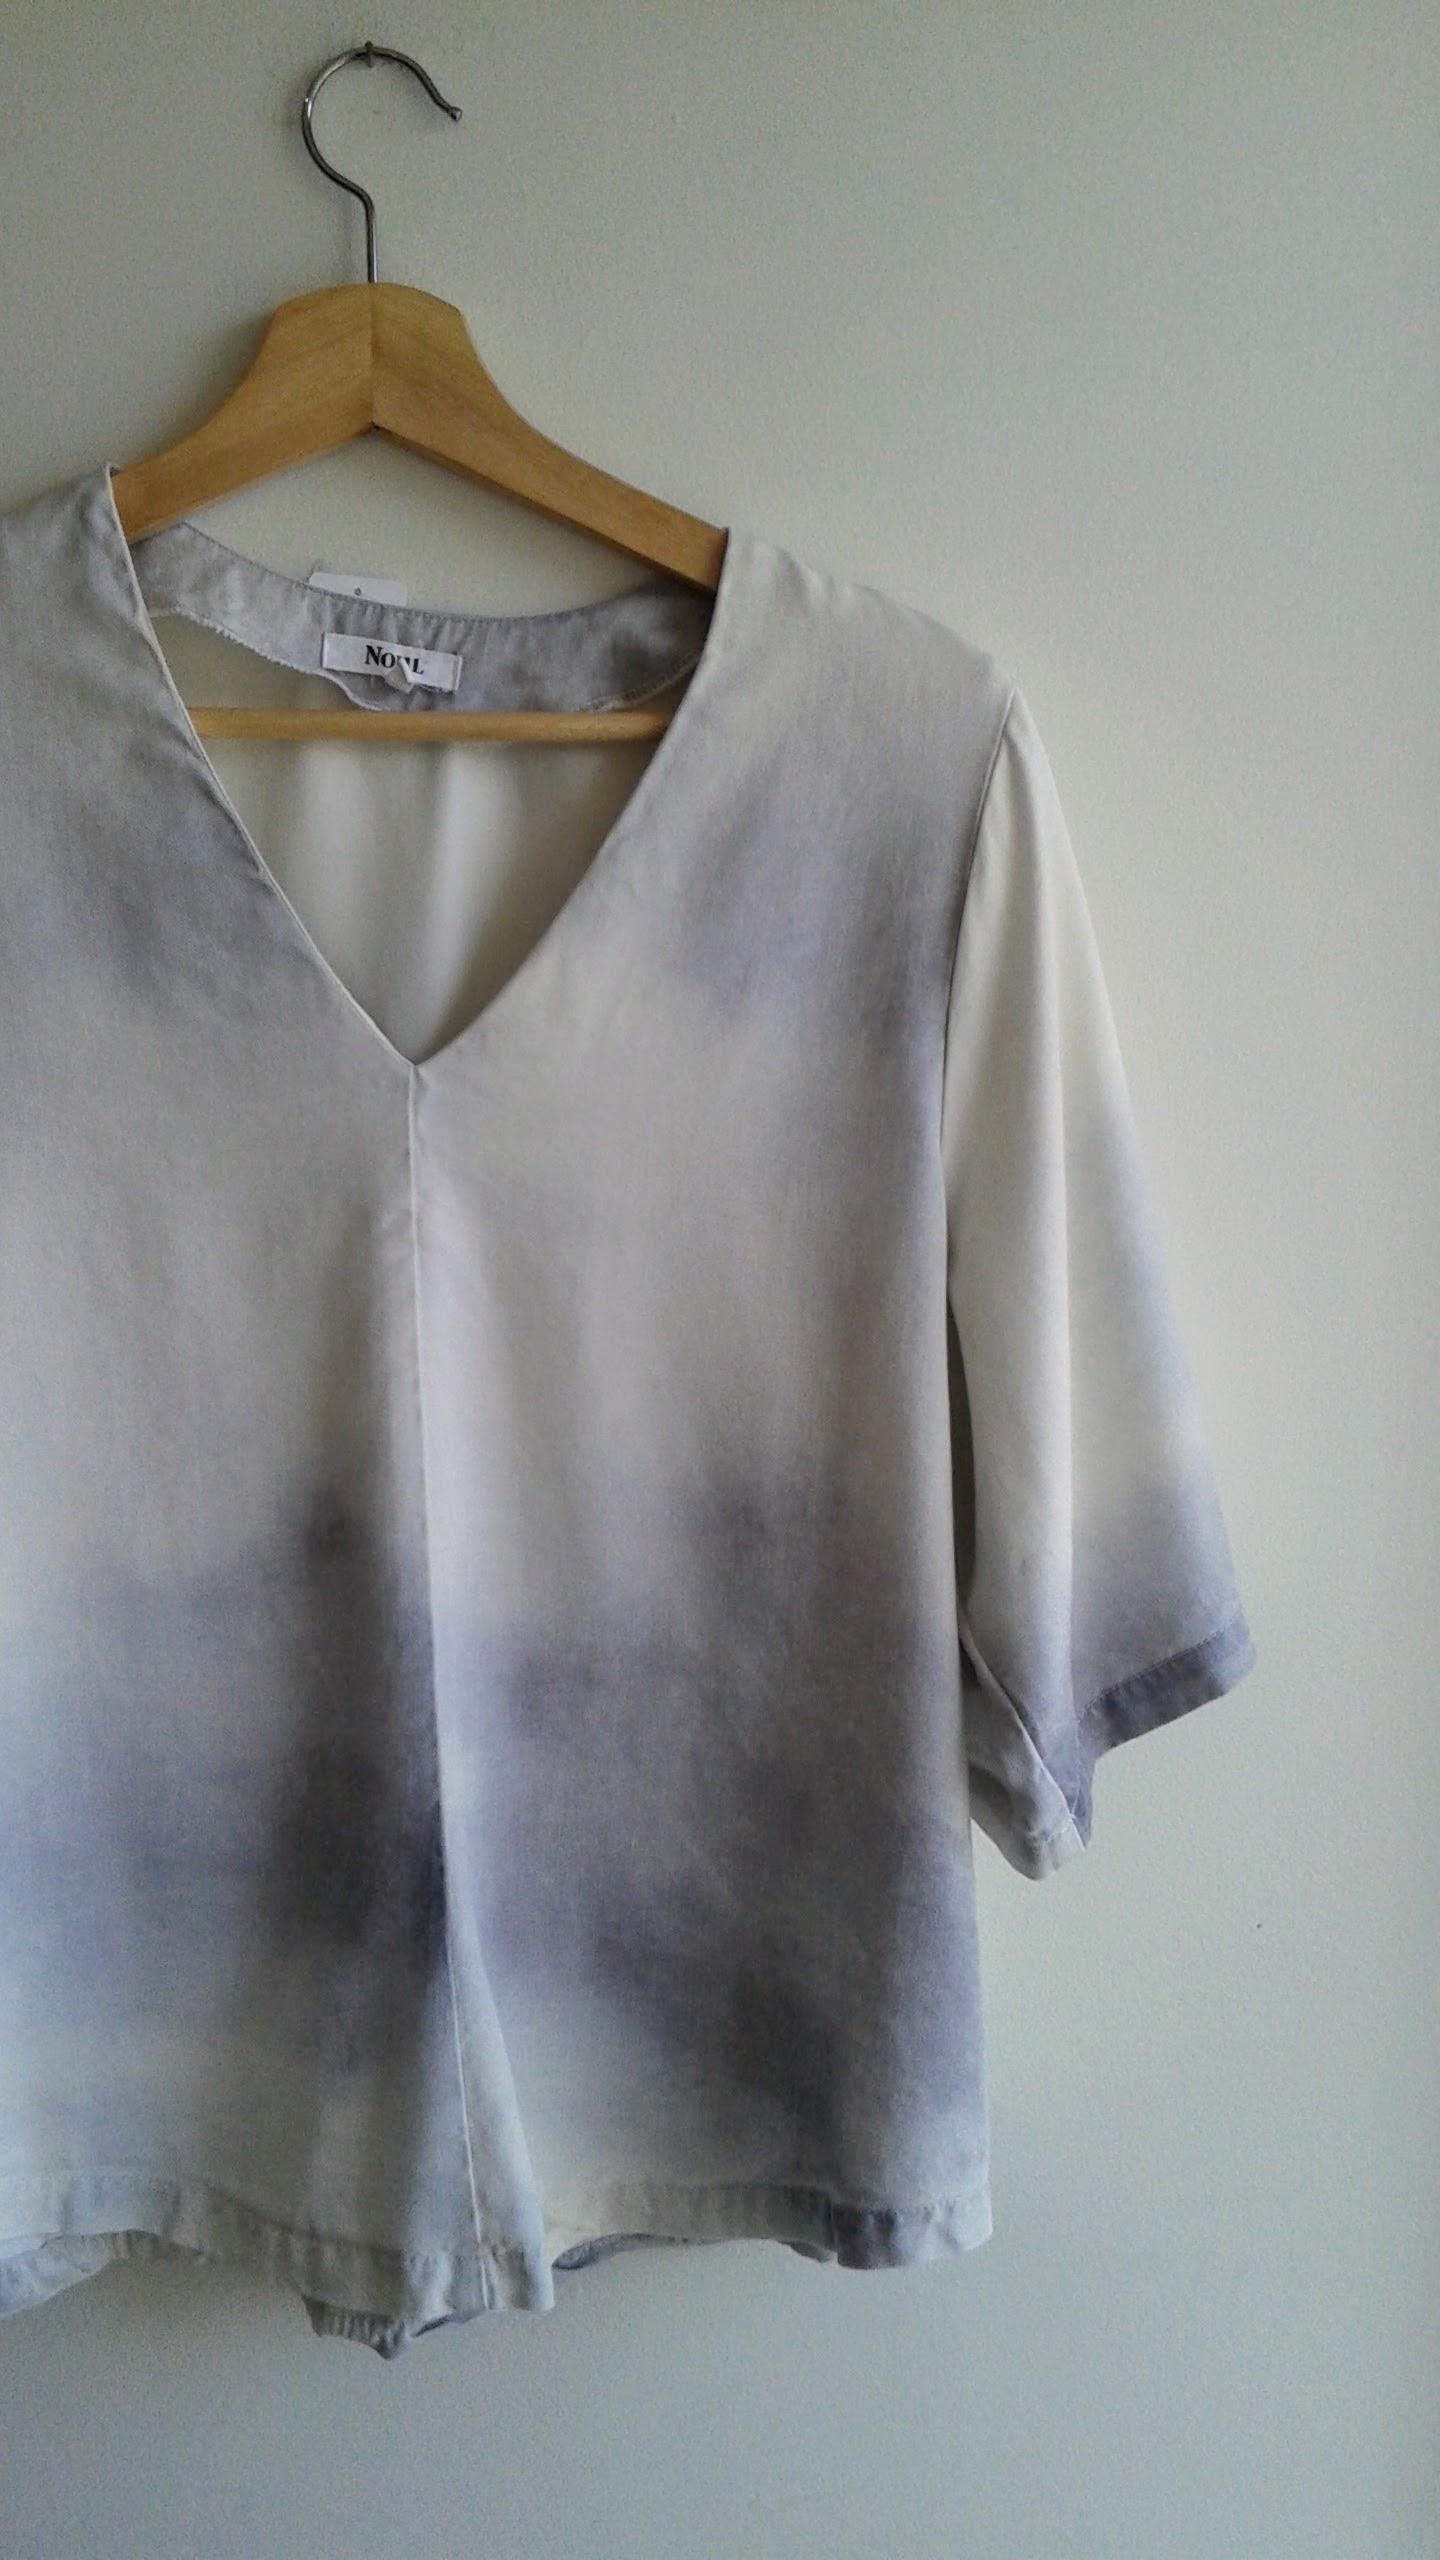 Noul top; Size M, $30